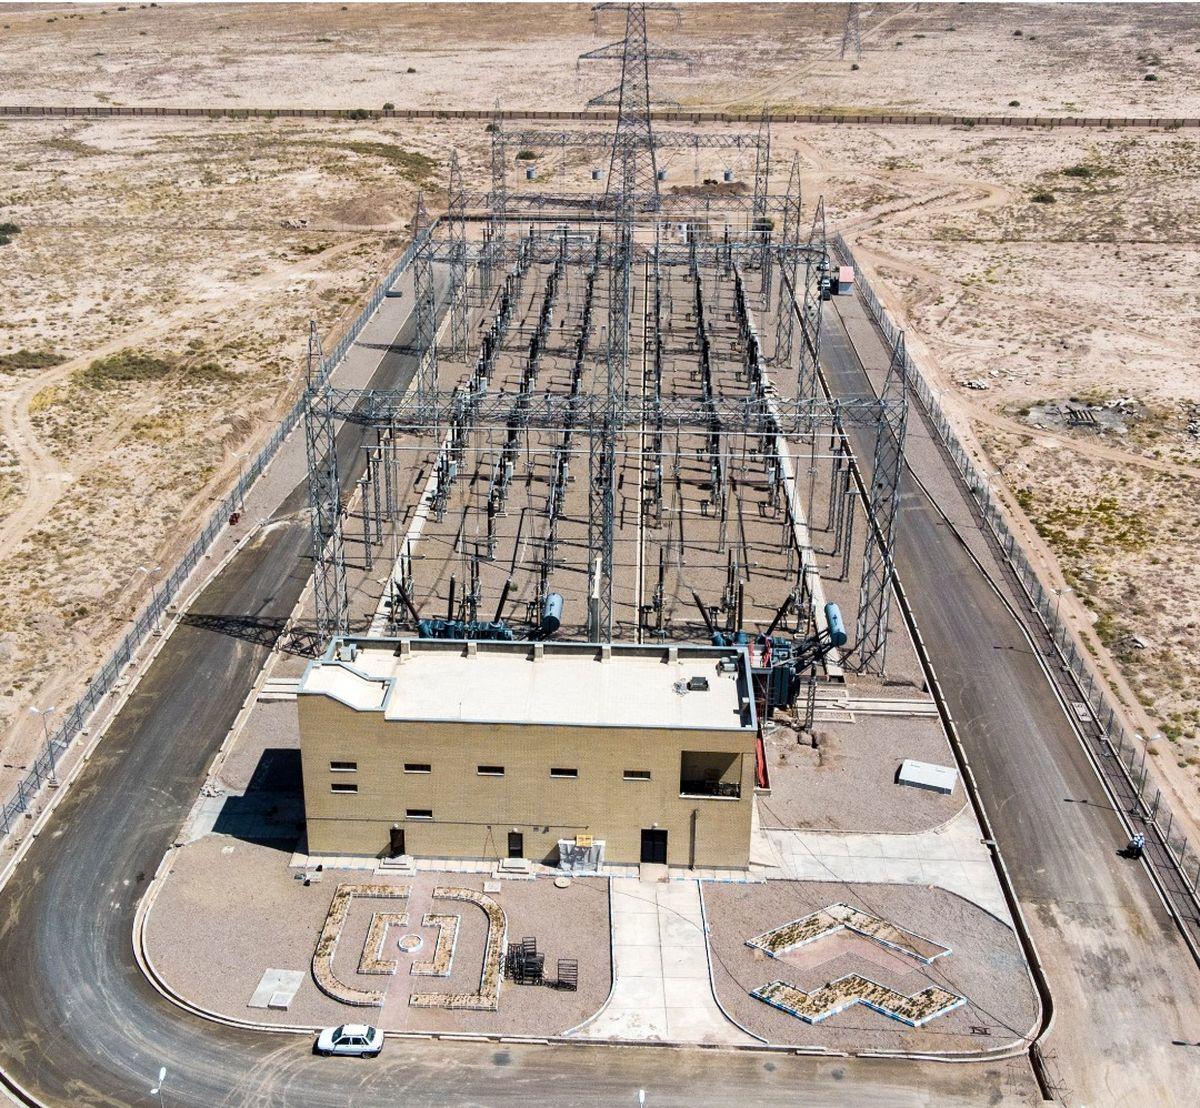 اتصال خط برق چهارکیلومتری فولاد قائنات به شبکه اصلی برق کشور